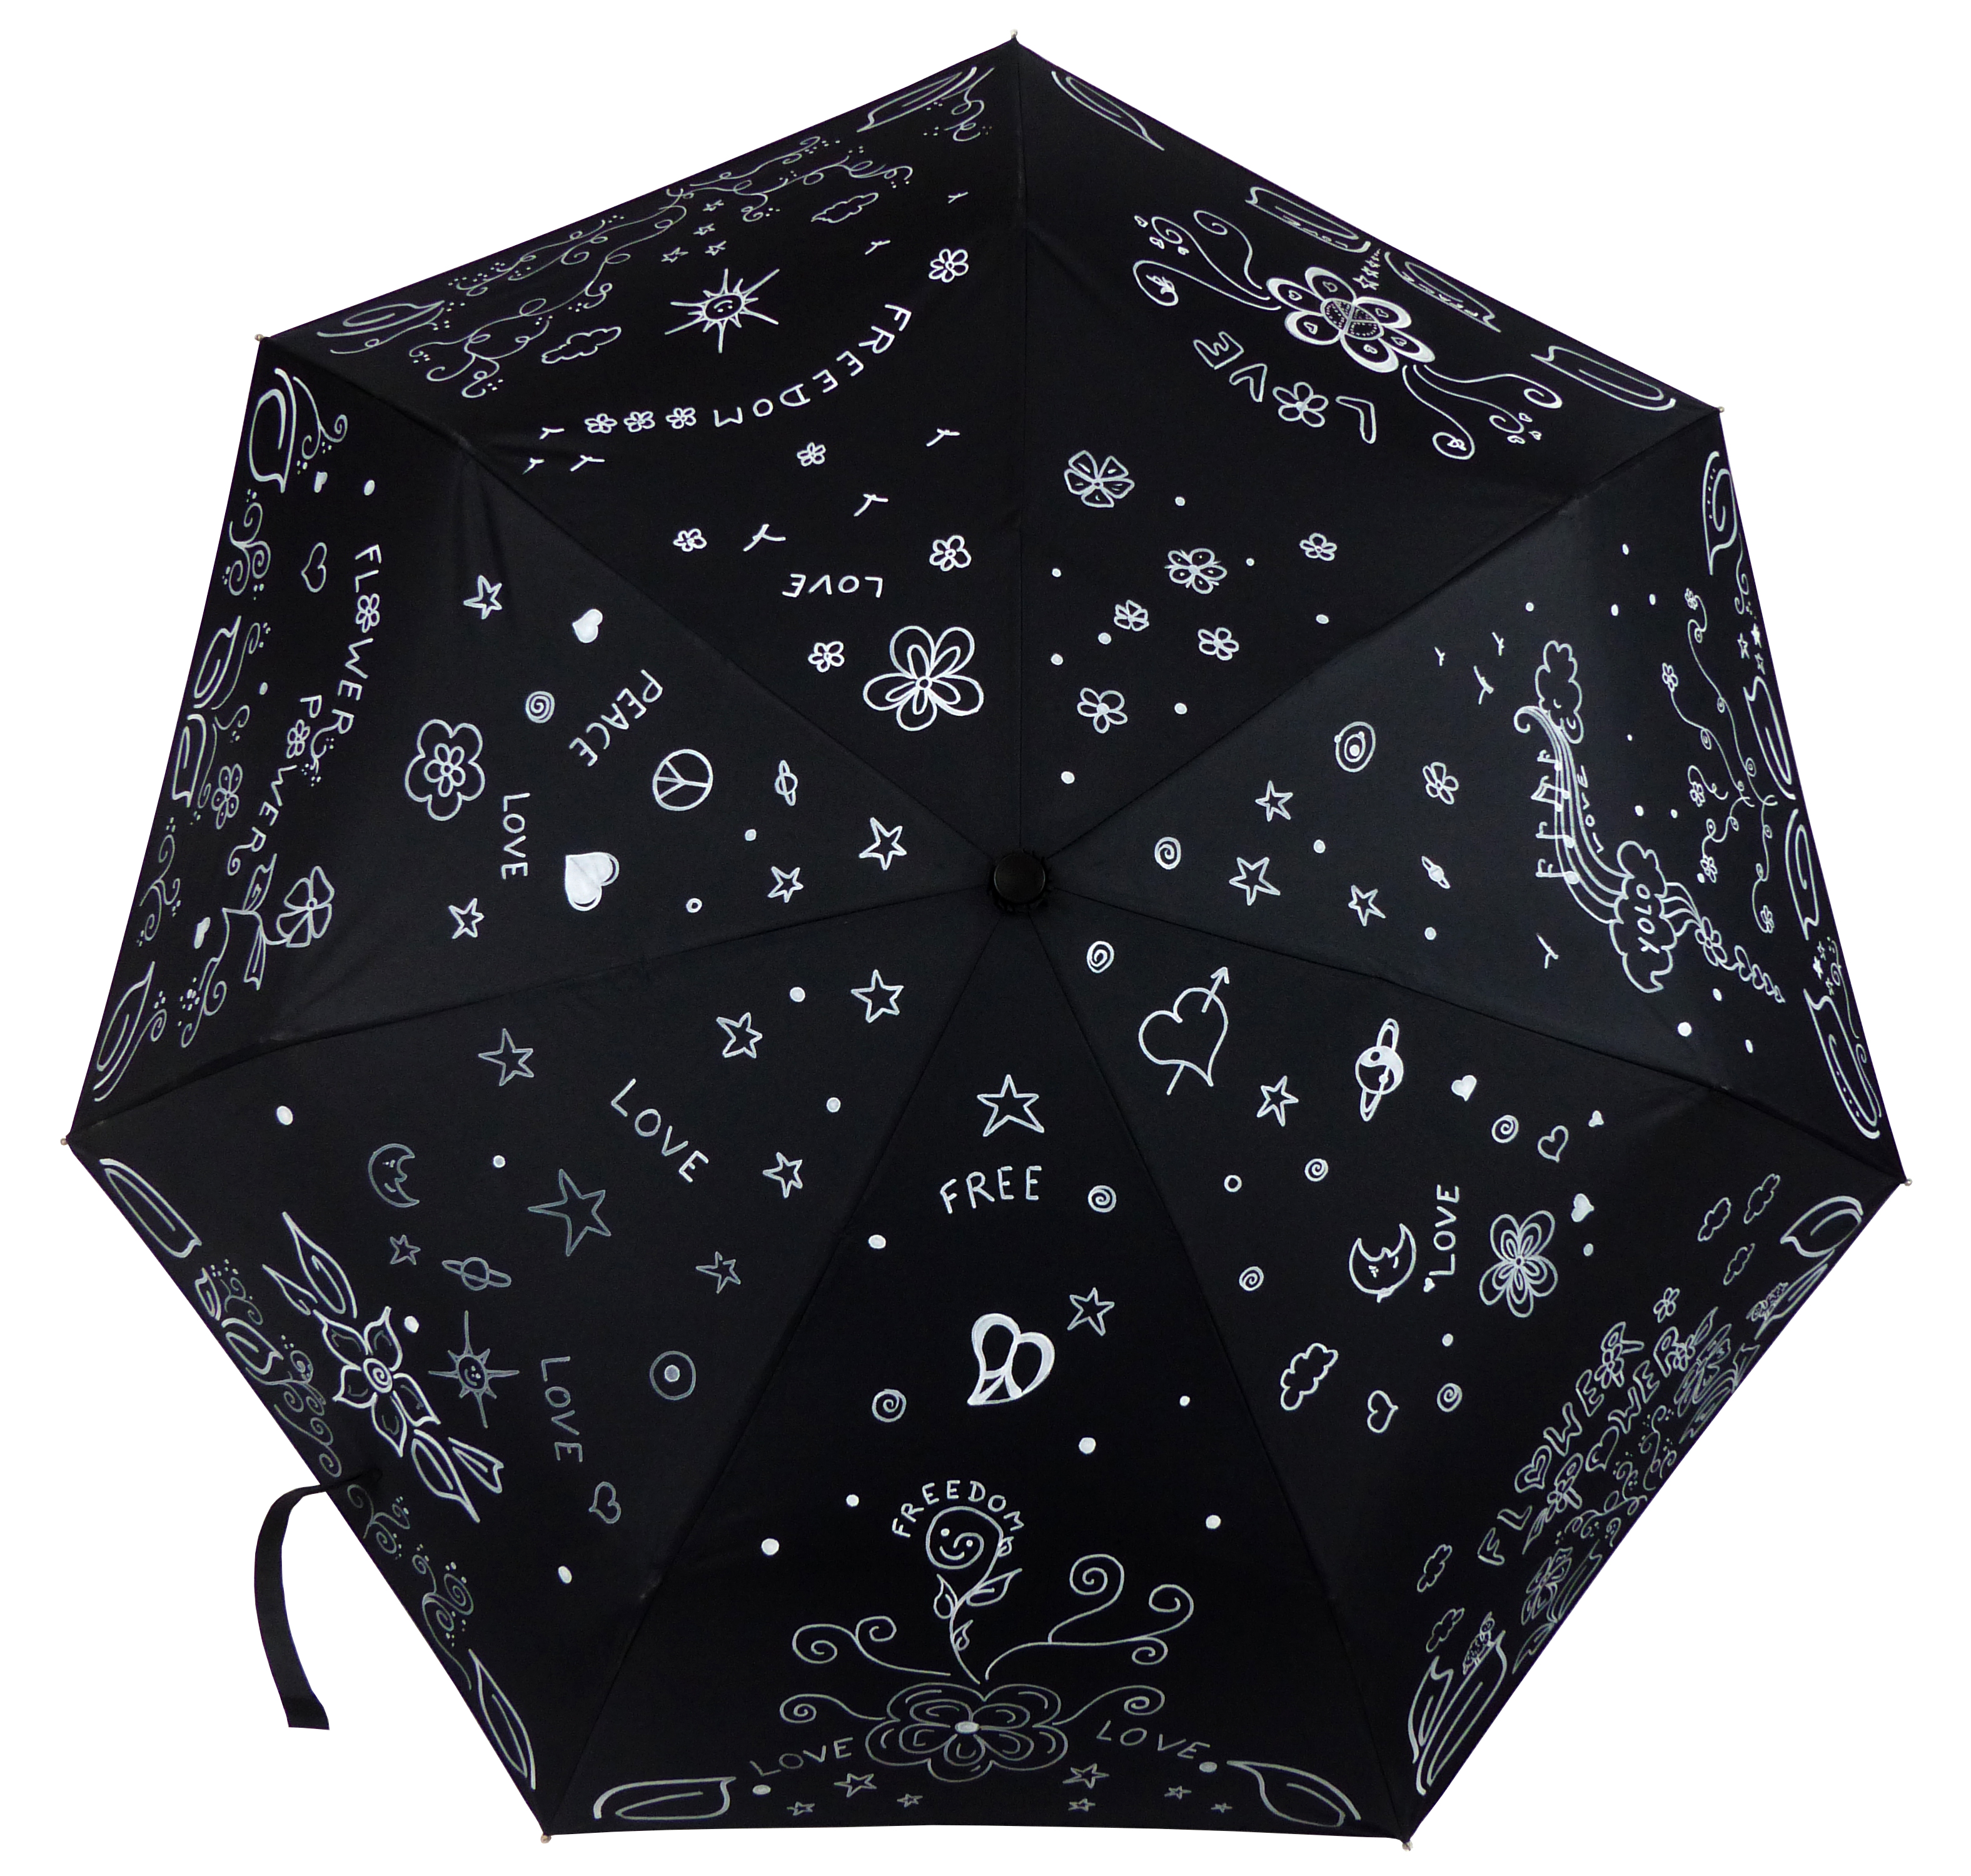 parapluie-Peace---Love-copie